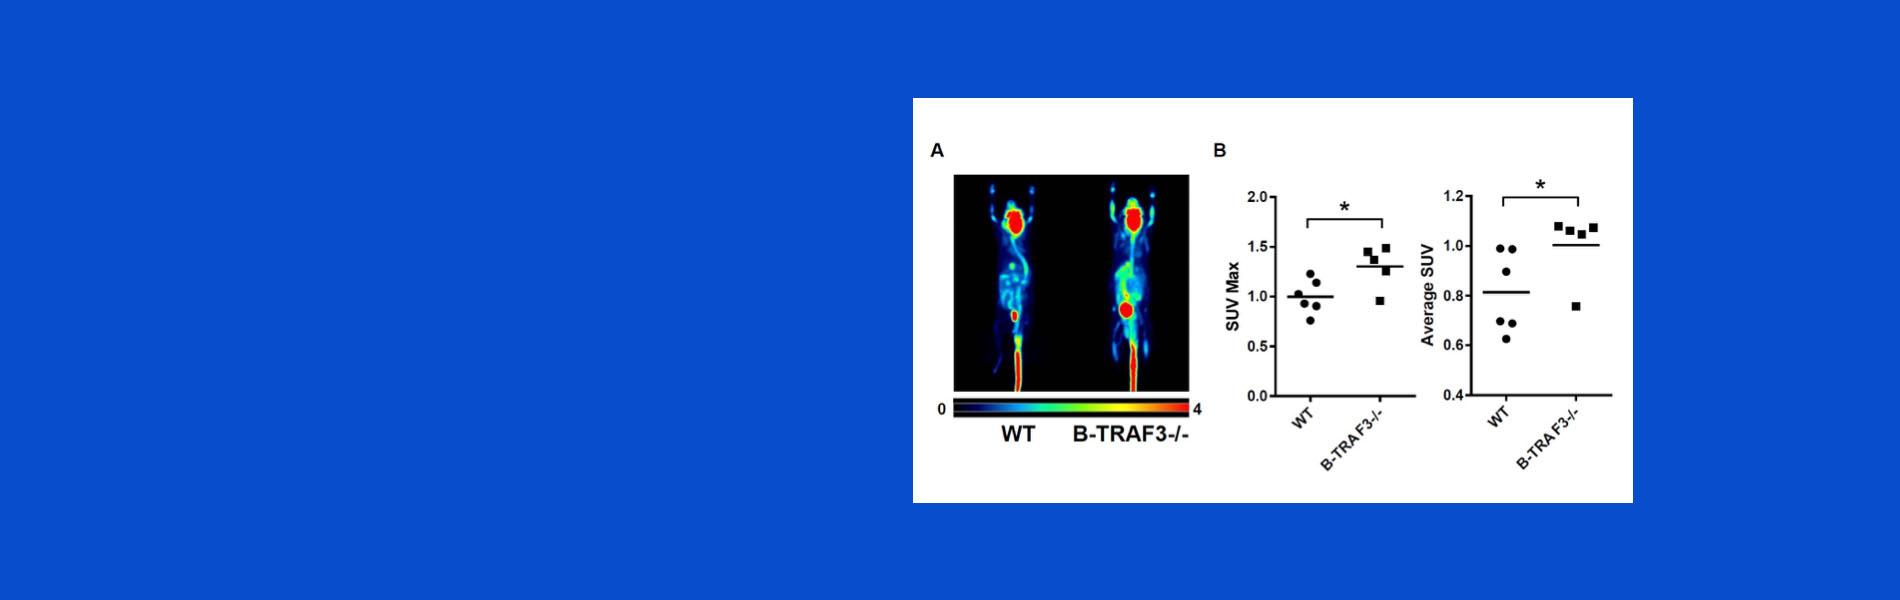 Gail Bishop -  In vivo glucose uptake by WT and B-Traf3-/- mice